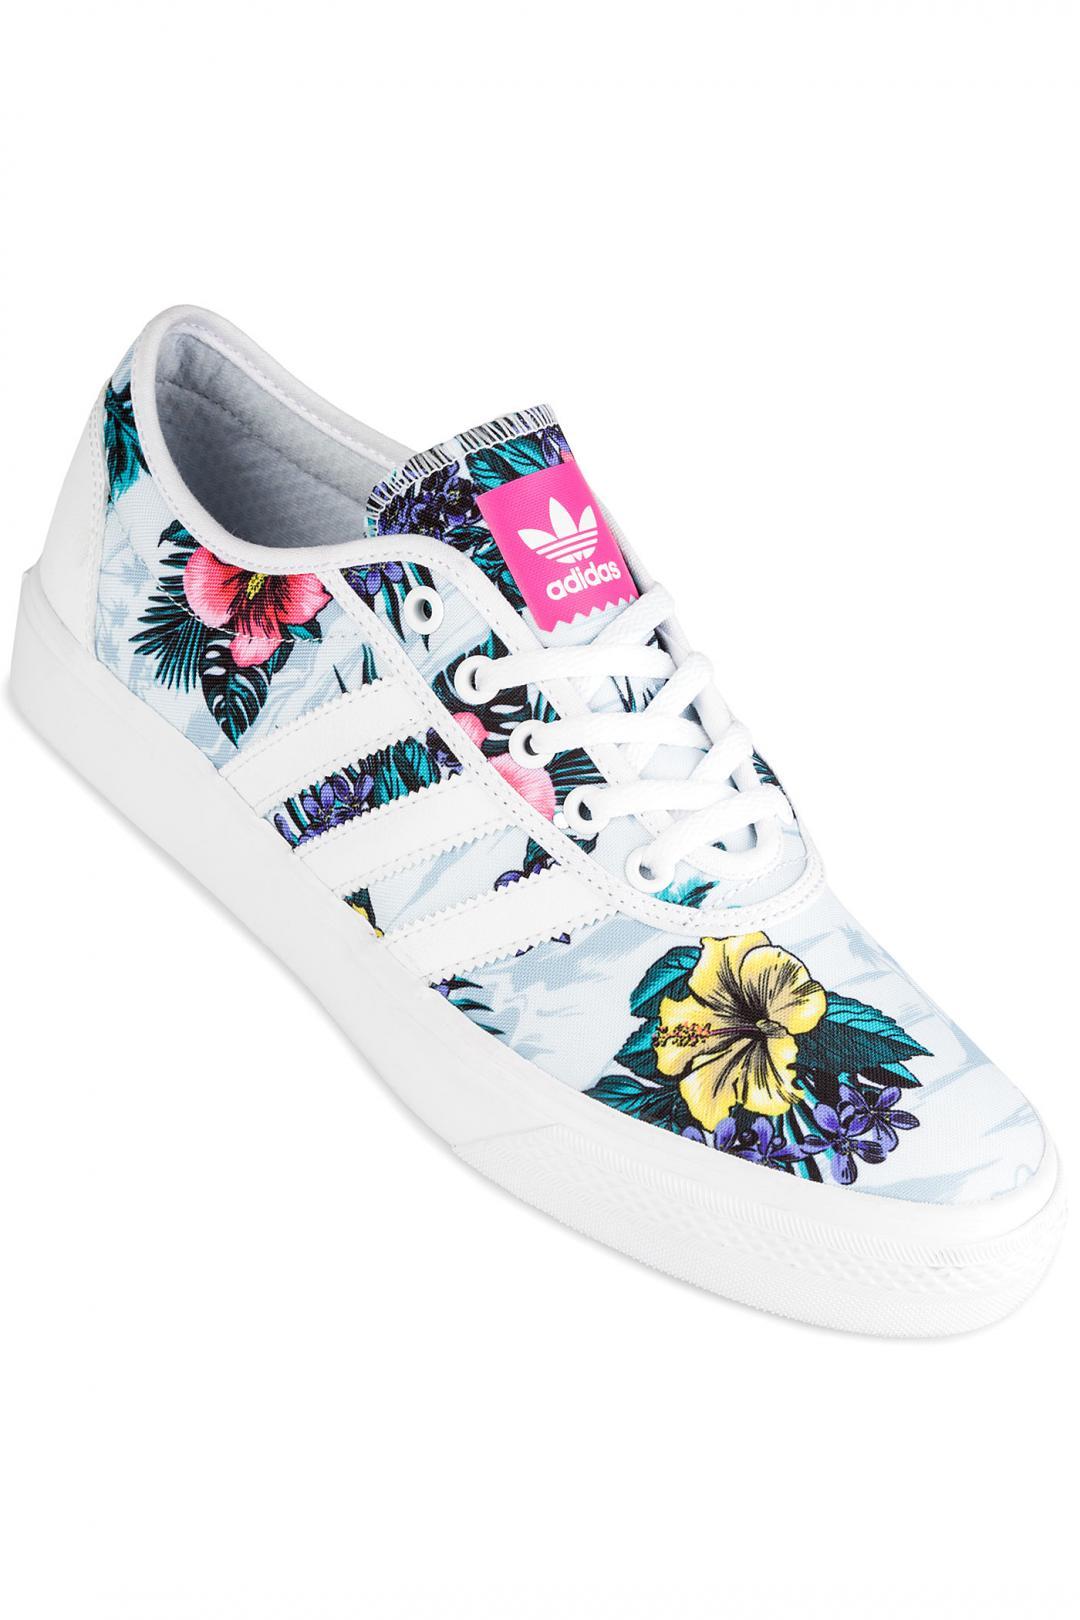 Uomo adidas Skateboarding Adi Ease blue tint white white | Sneakers low top